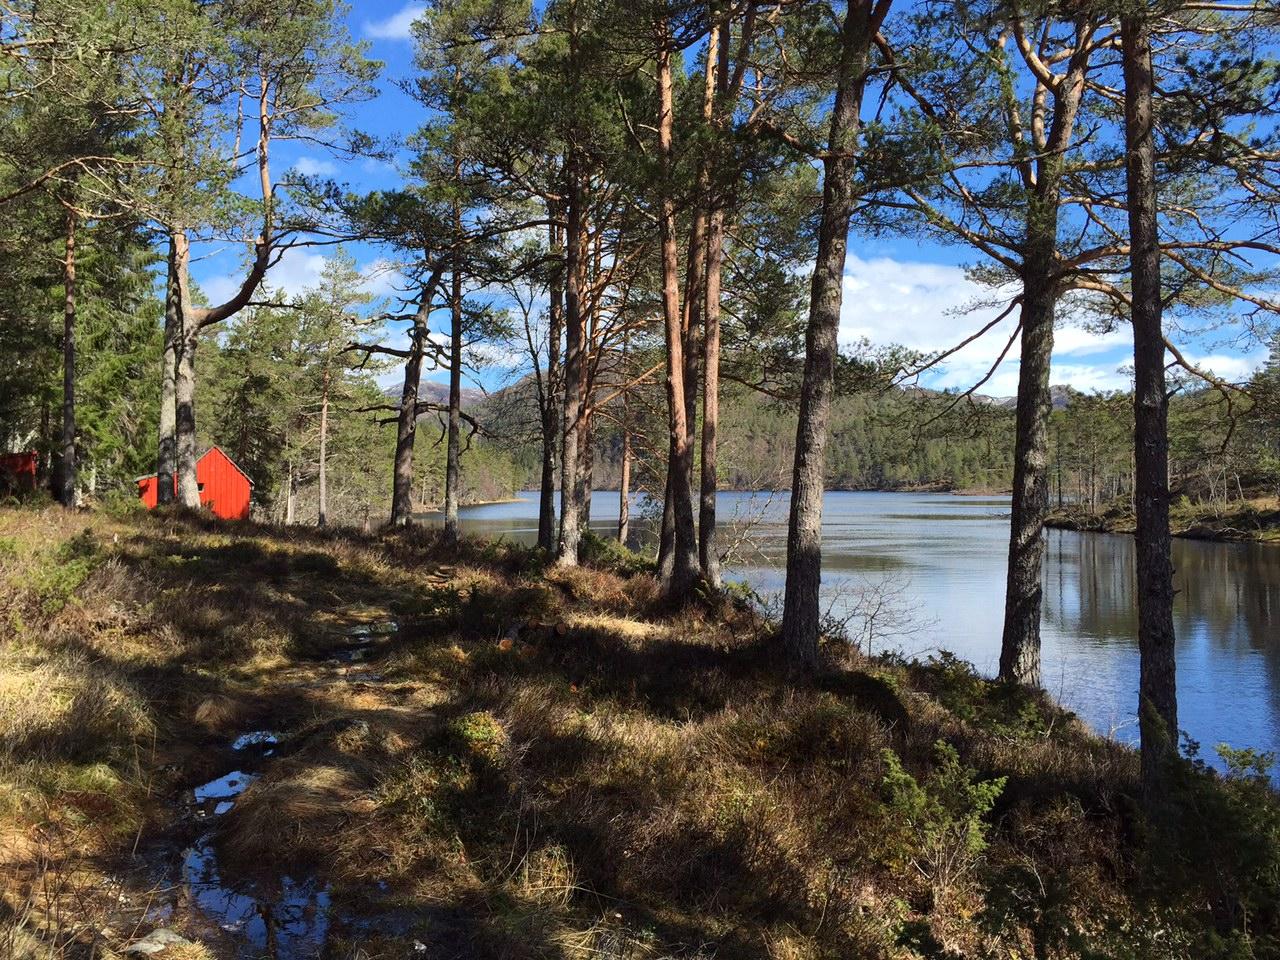 En enkel hytte ved vannet. Det skal ikke mer til, og jeg er sikker på at eieren har det like fint som dem som ahr en luksushytte. Foto: Odd Roar Lange